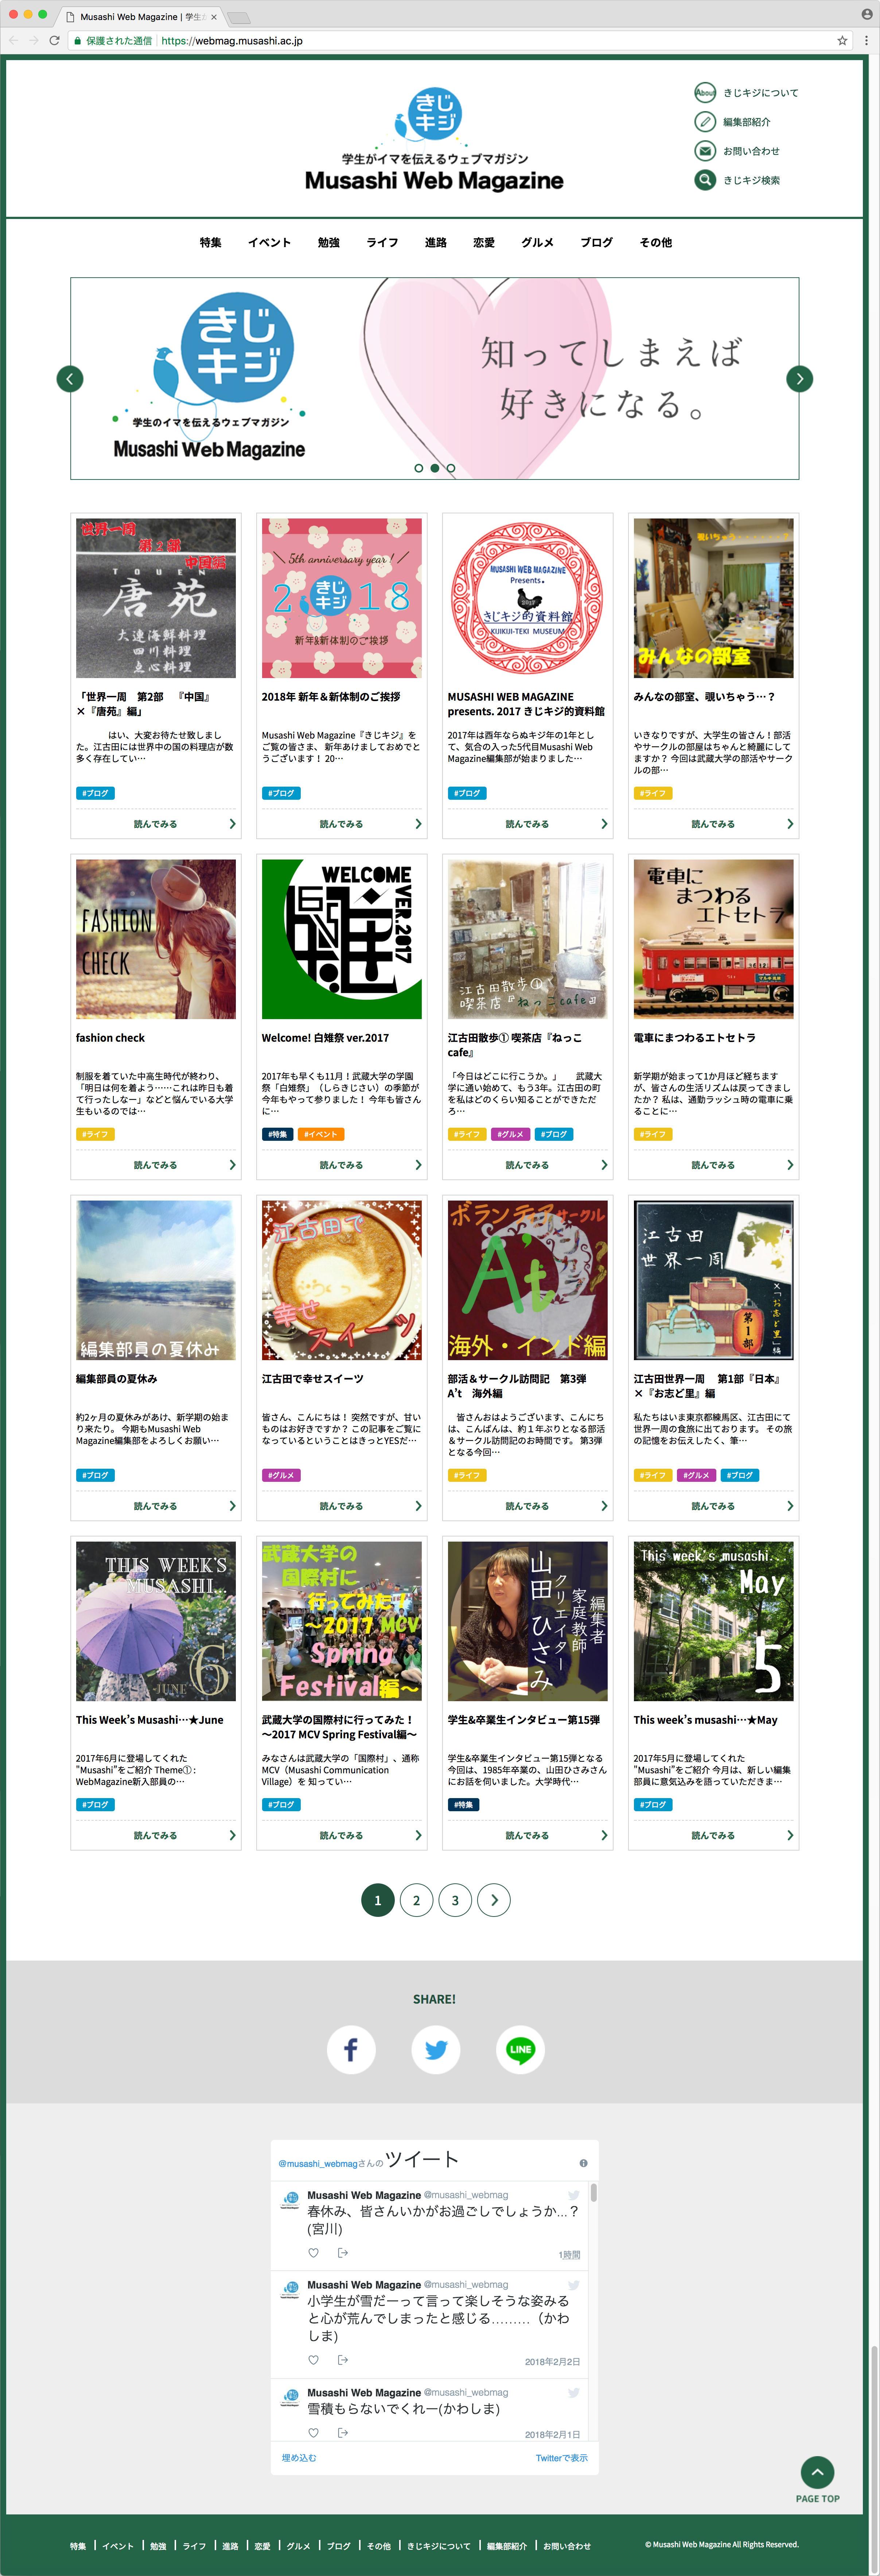 【武蔵大学】学生の視点で大学のリアルな姿を伝えるMusashi Web Magazine「きじキジ」-- 大学や江古田の新たな魅力を掘り起こす! --